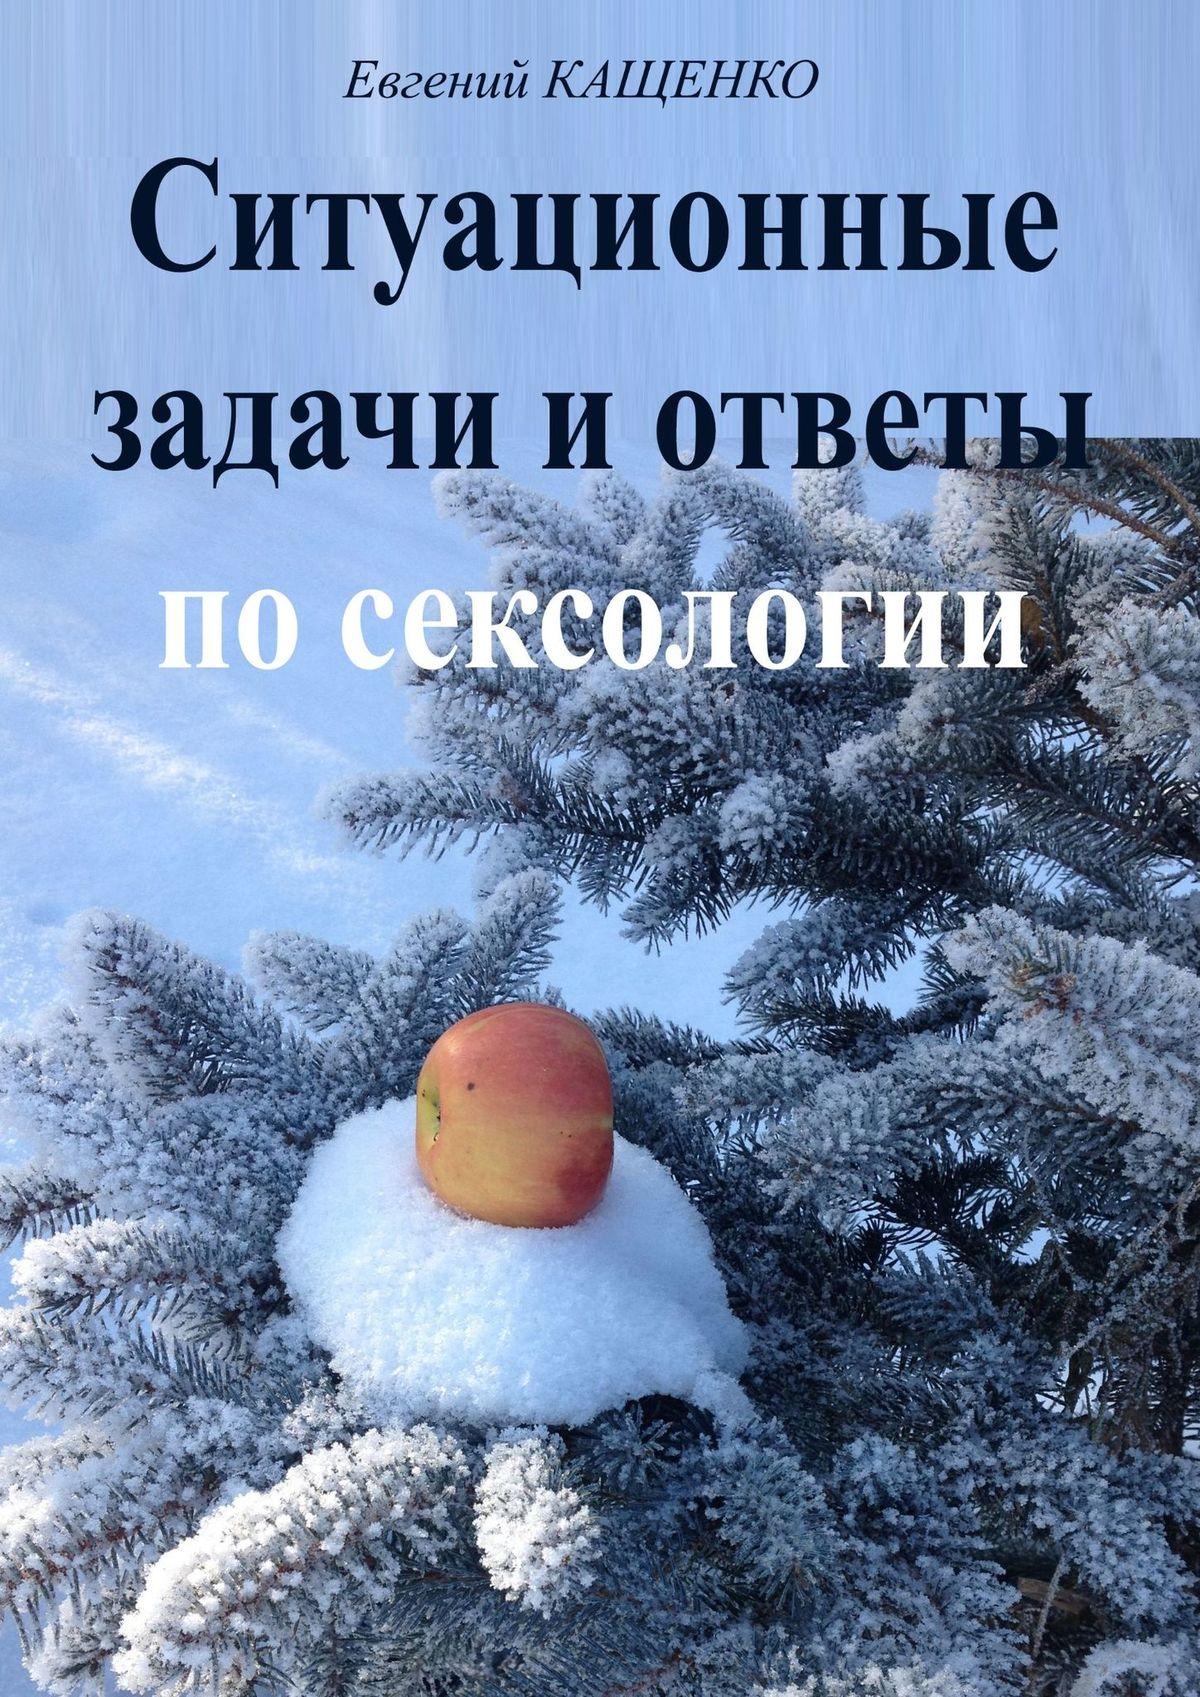 Евгений Августович Кащенко Ситуационные задачи иответы посексологии